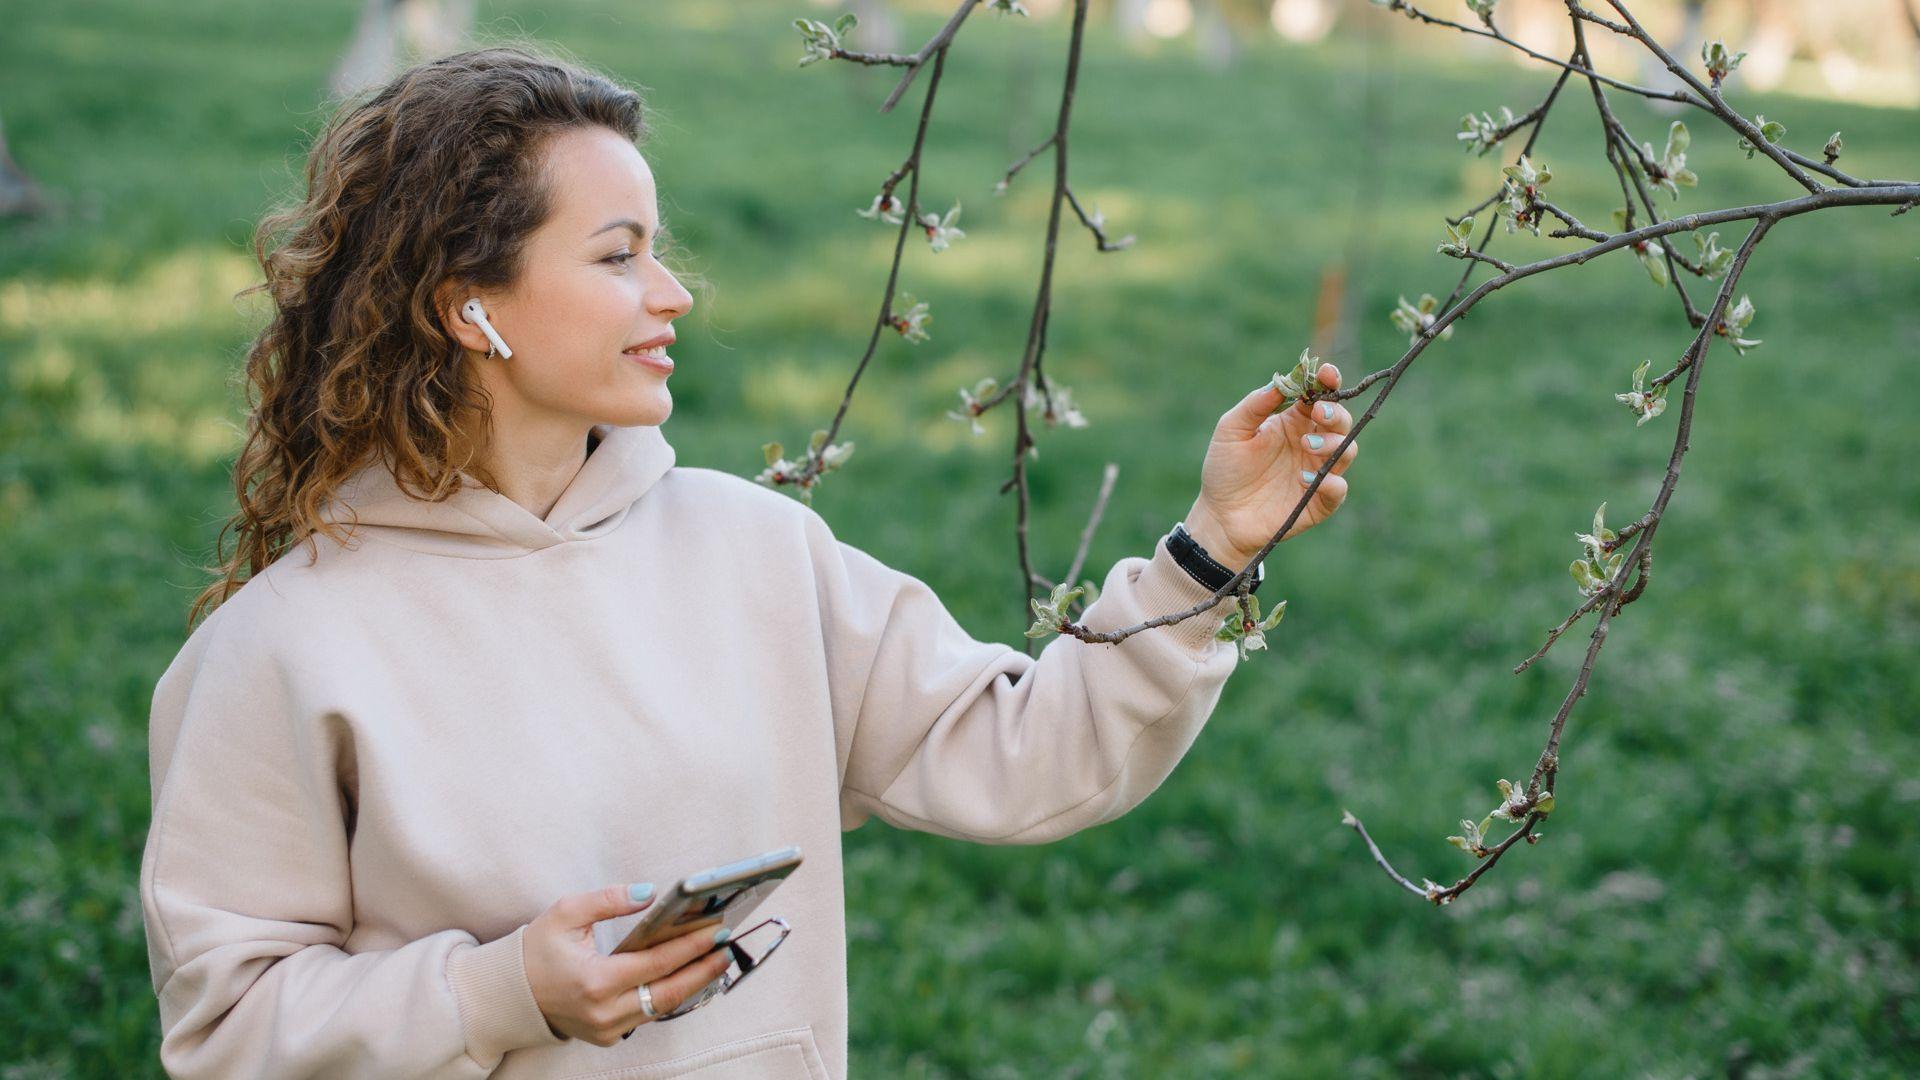 Дендрологический сад им. С.Ф. Харитонова: познавательная прогулка для любителей природы